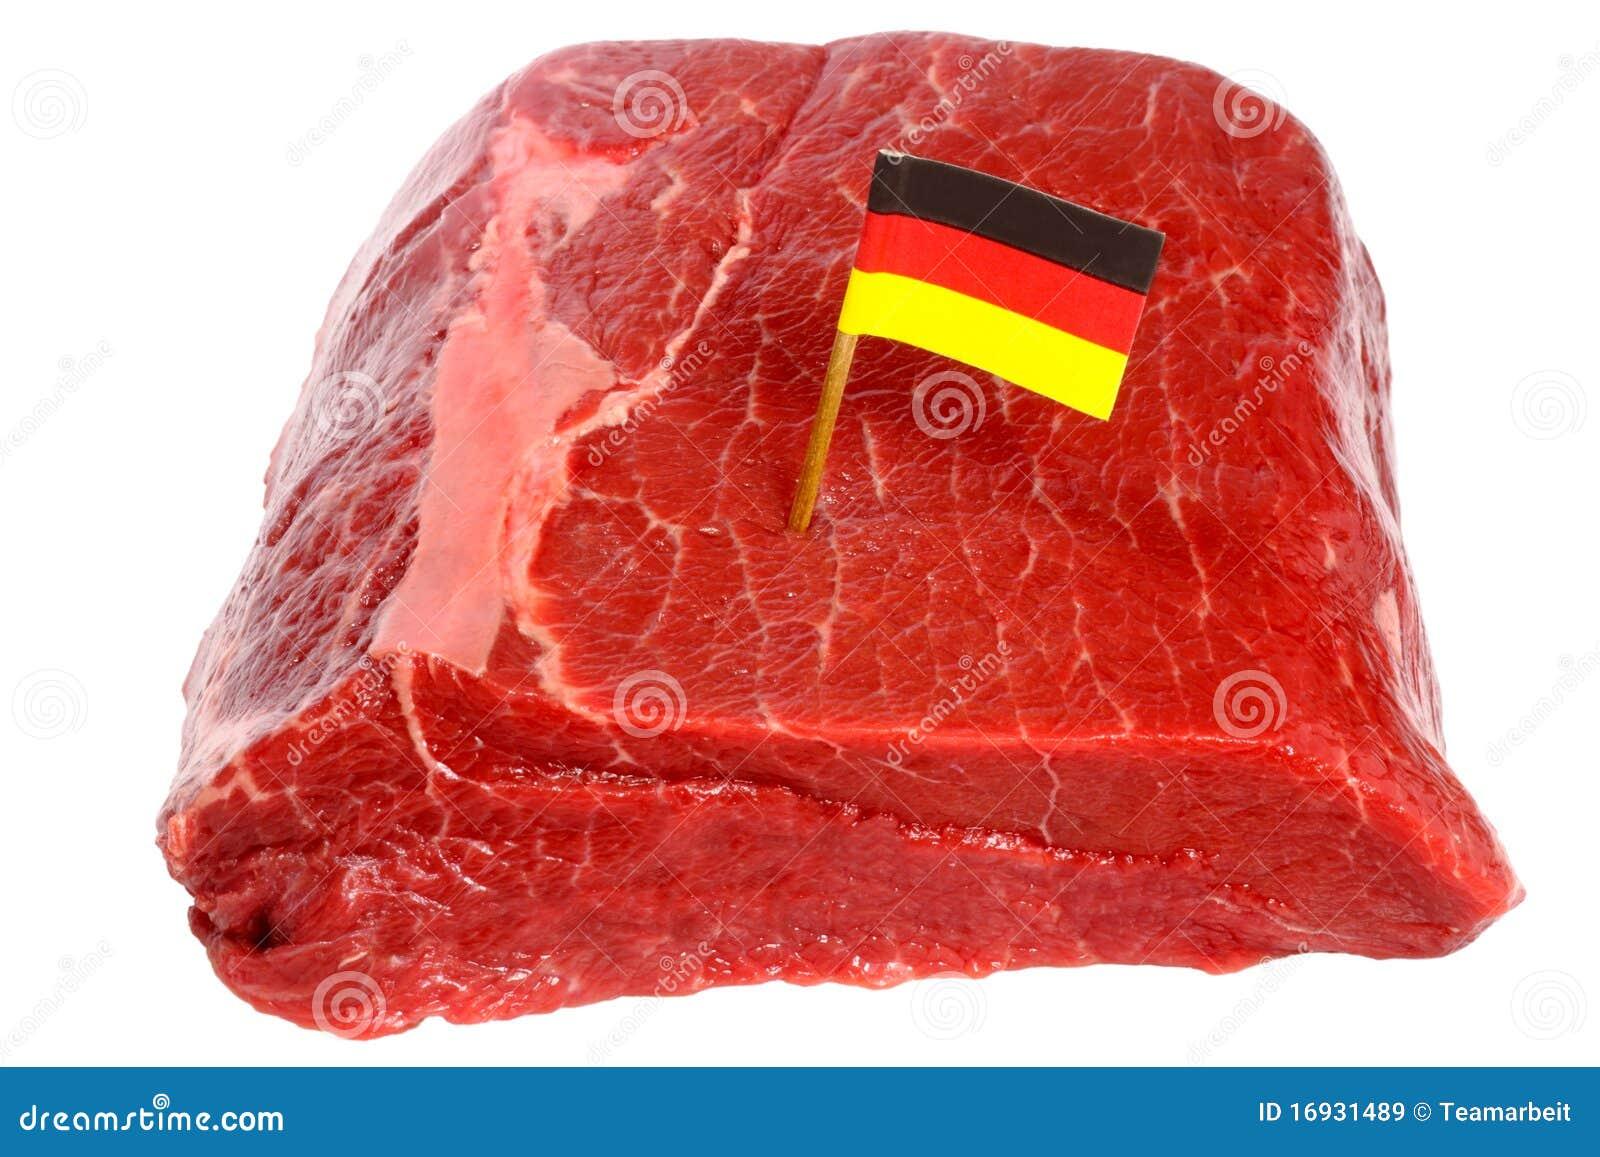 German beef